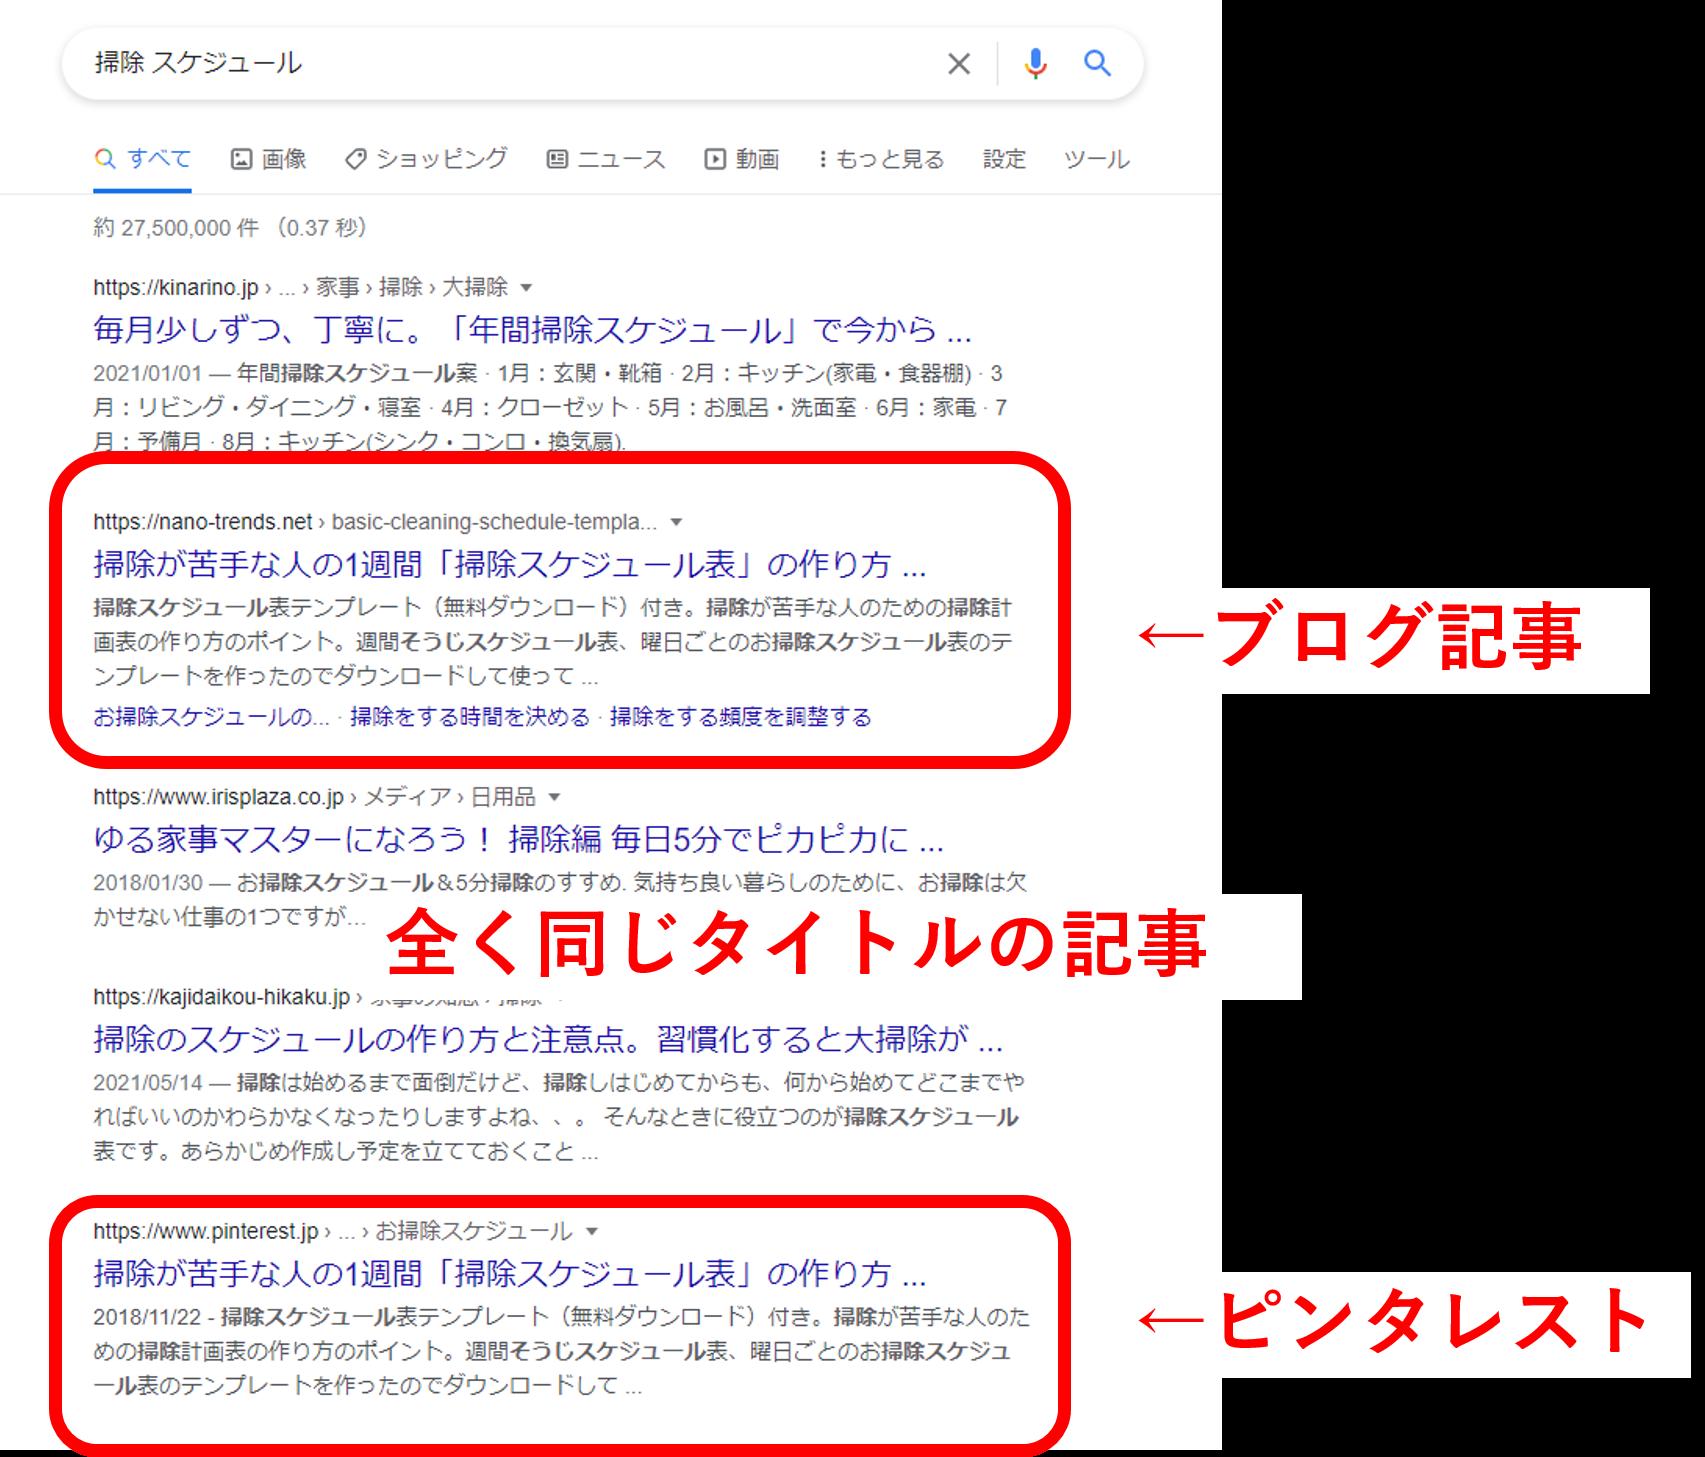 実質的には全く同じ記事が検索上位を2つも独占している状態